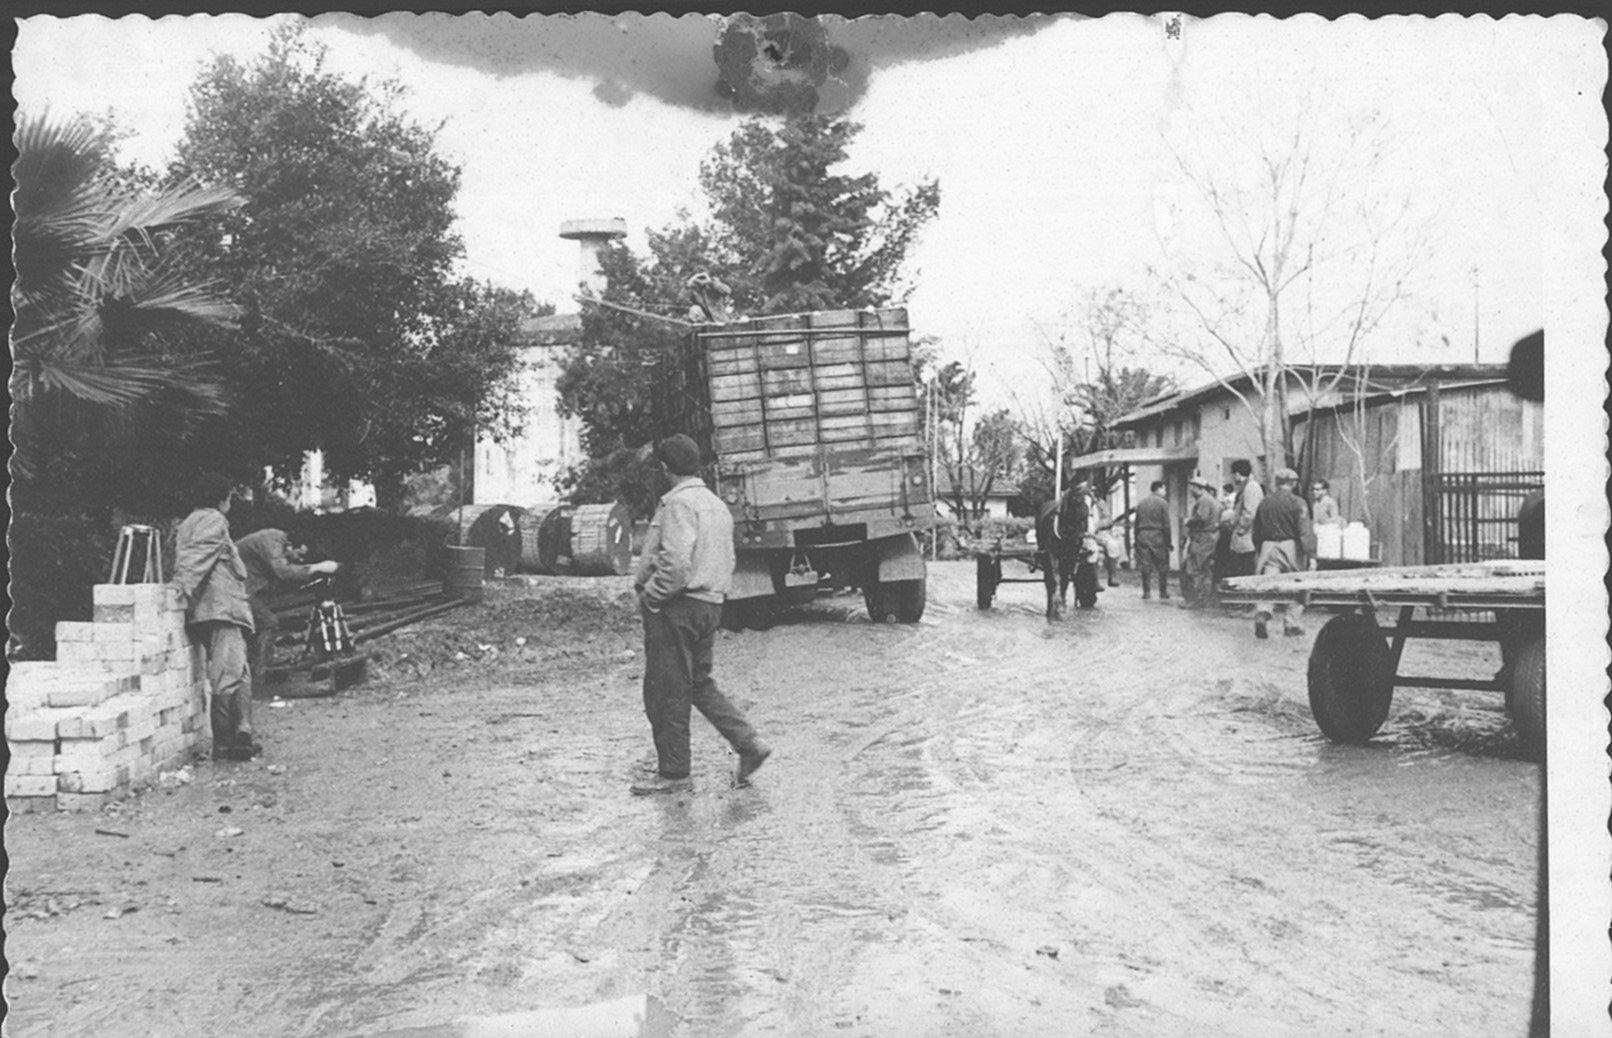 חורף 1962 משאית מבוססת בבוץ במרכז הכפר